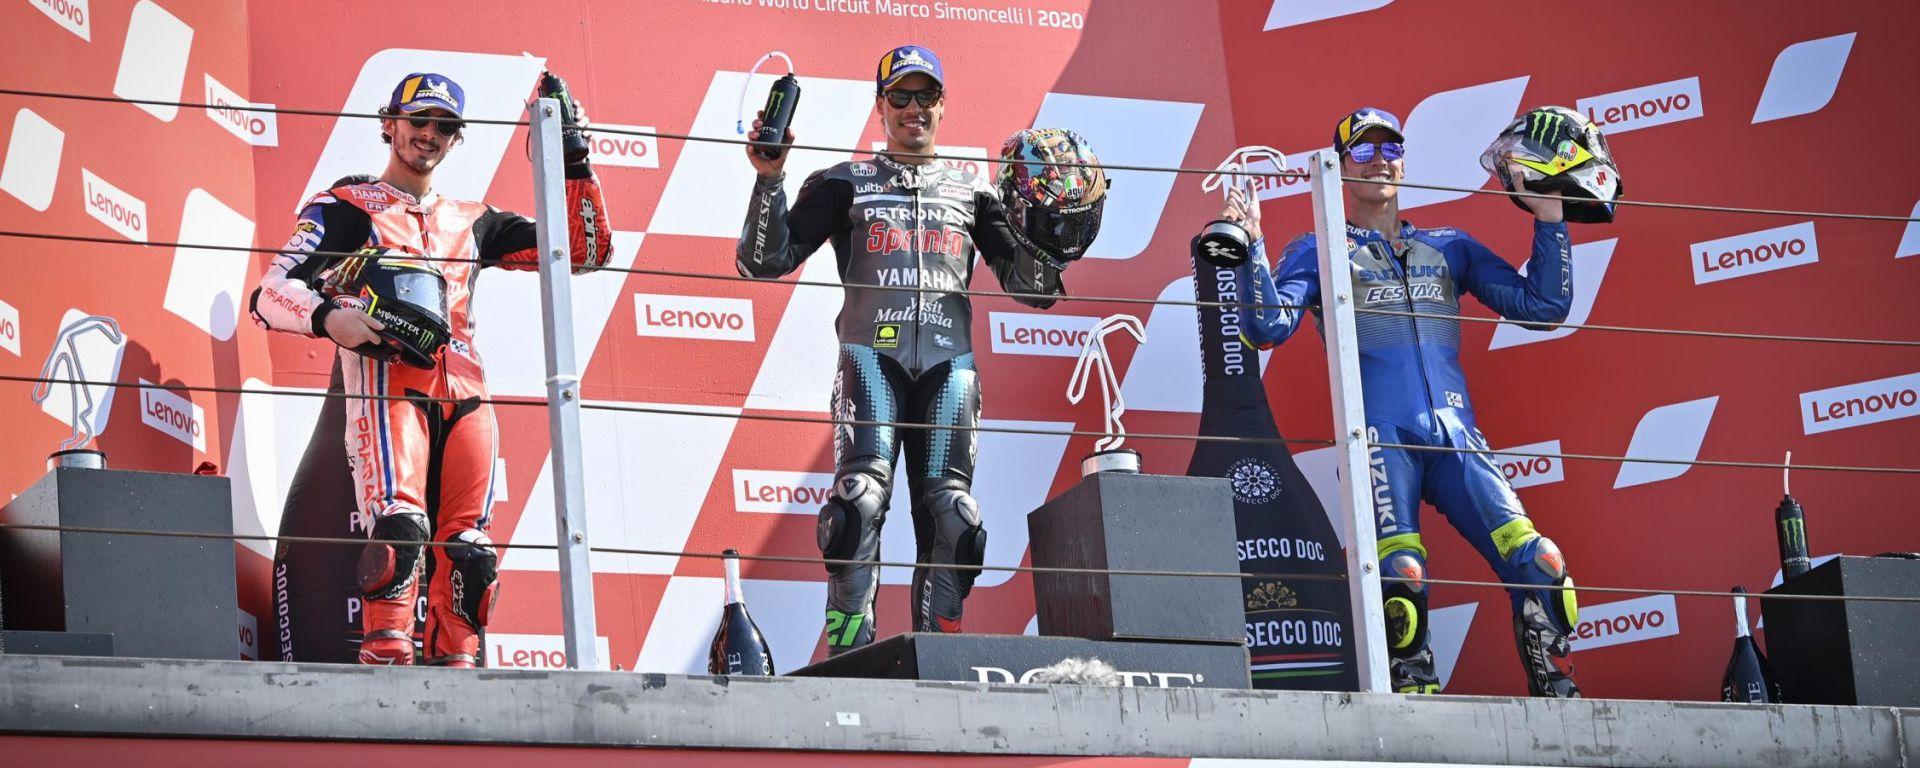 MotoGP San Marino 2020, Il podio di Misano con Morbidelli, Bagnaia e Mir